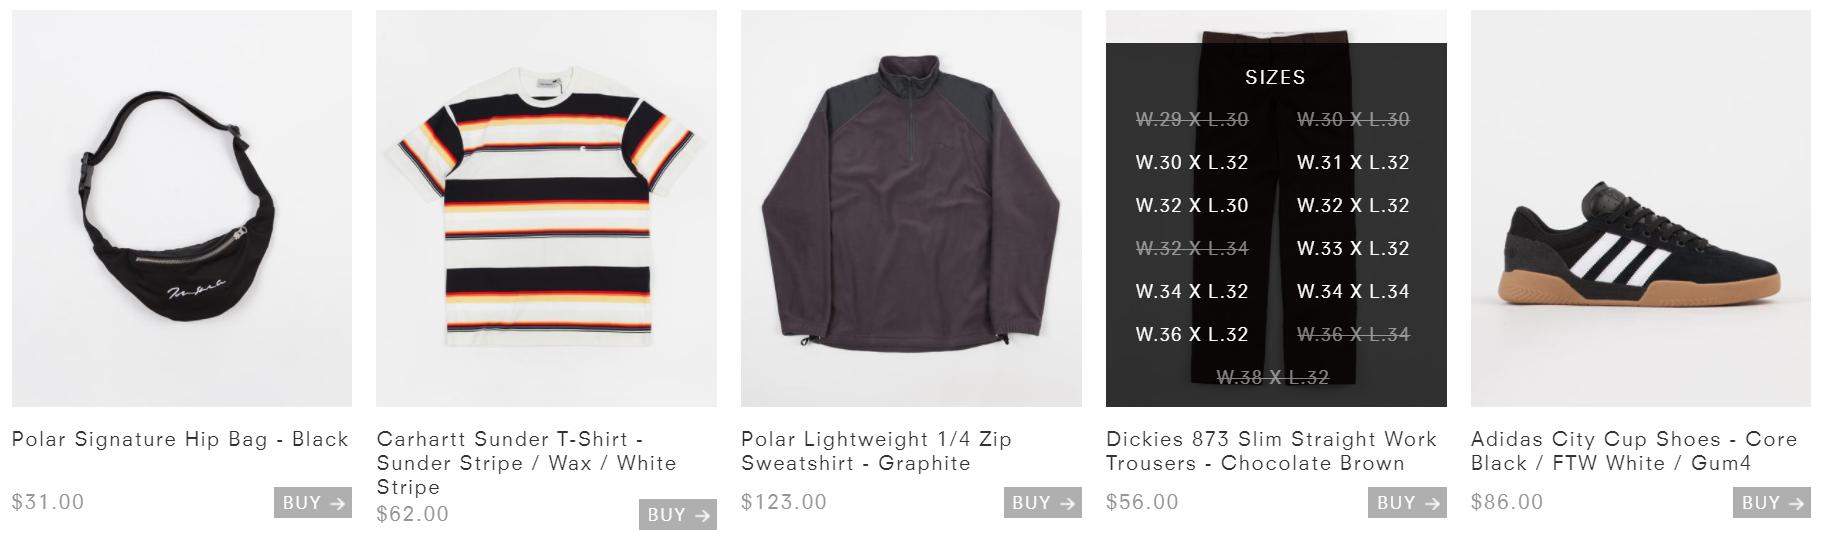 shopify store sizing indicator